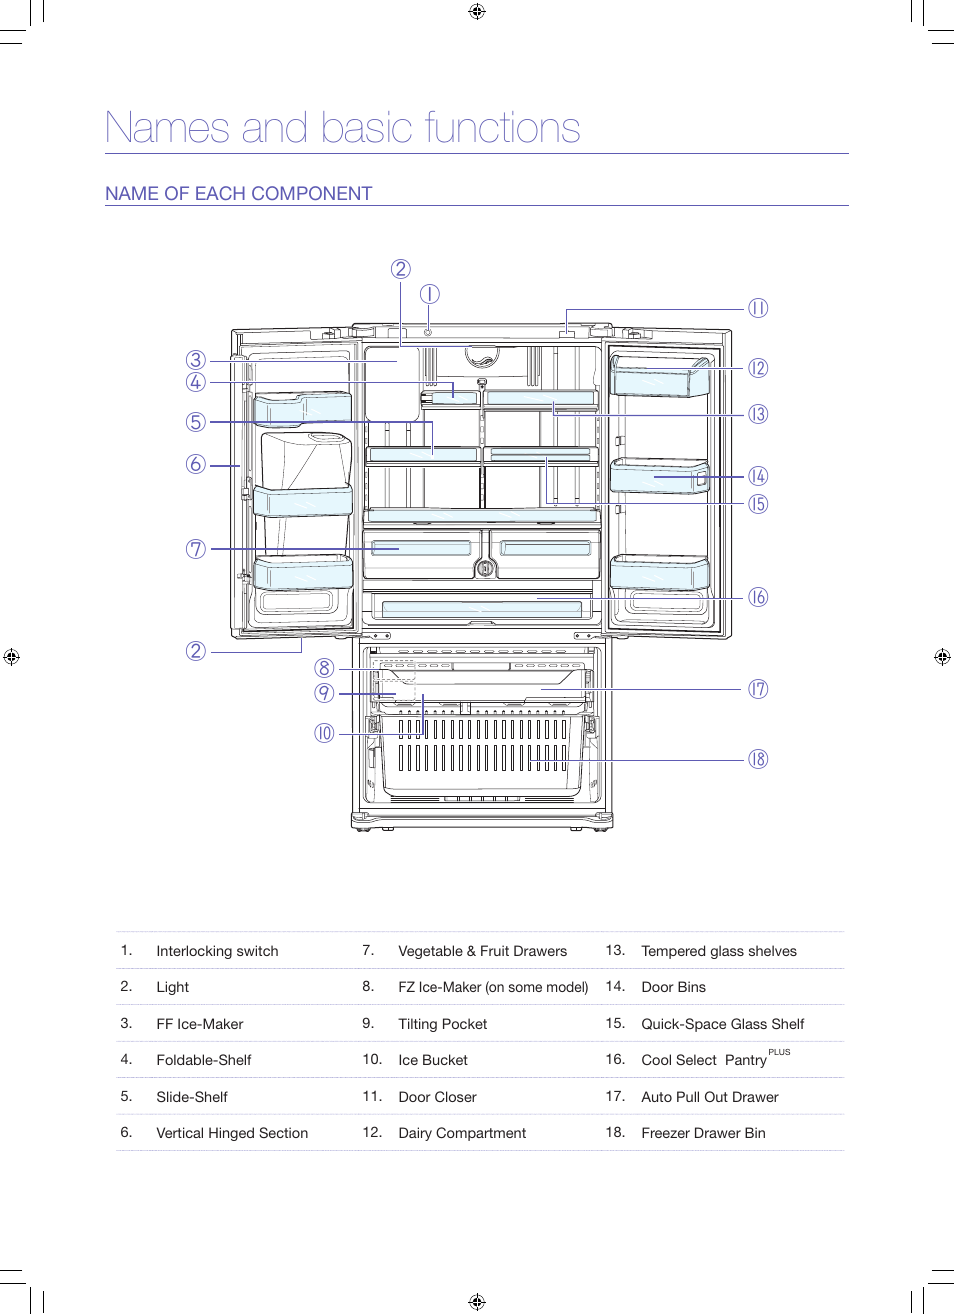 Names And Basic Functions Samsung Rfg297hdrs Xaa User